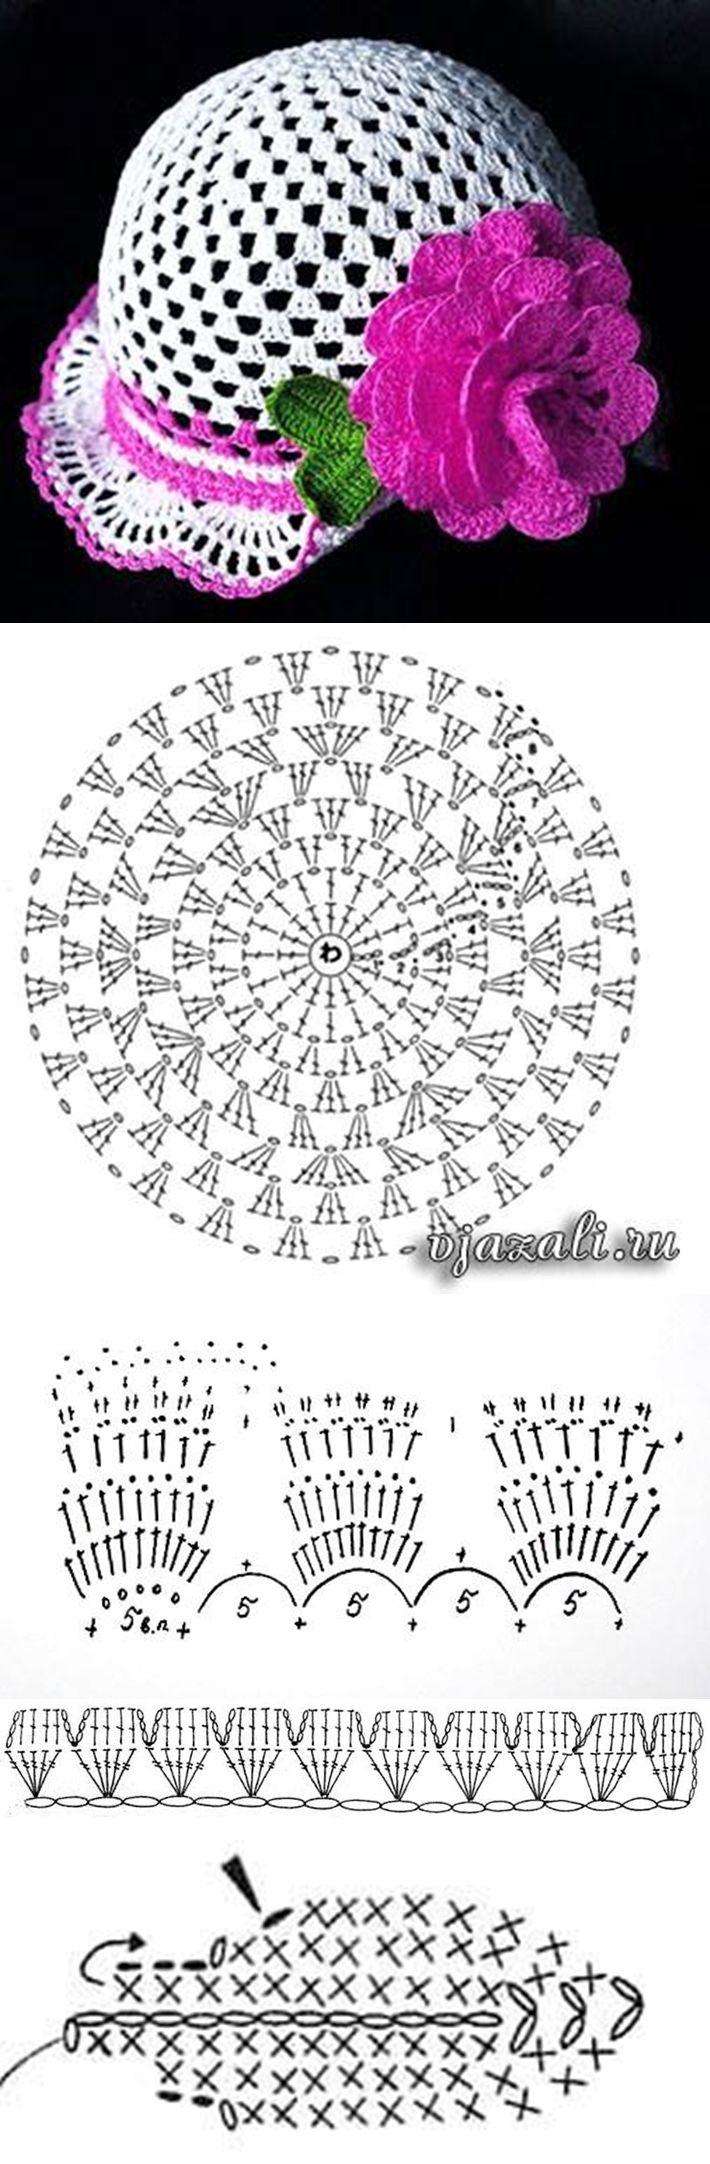 Схема панамки крючком для девочки фото